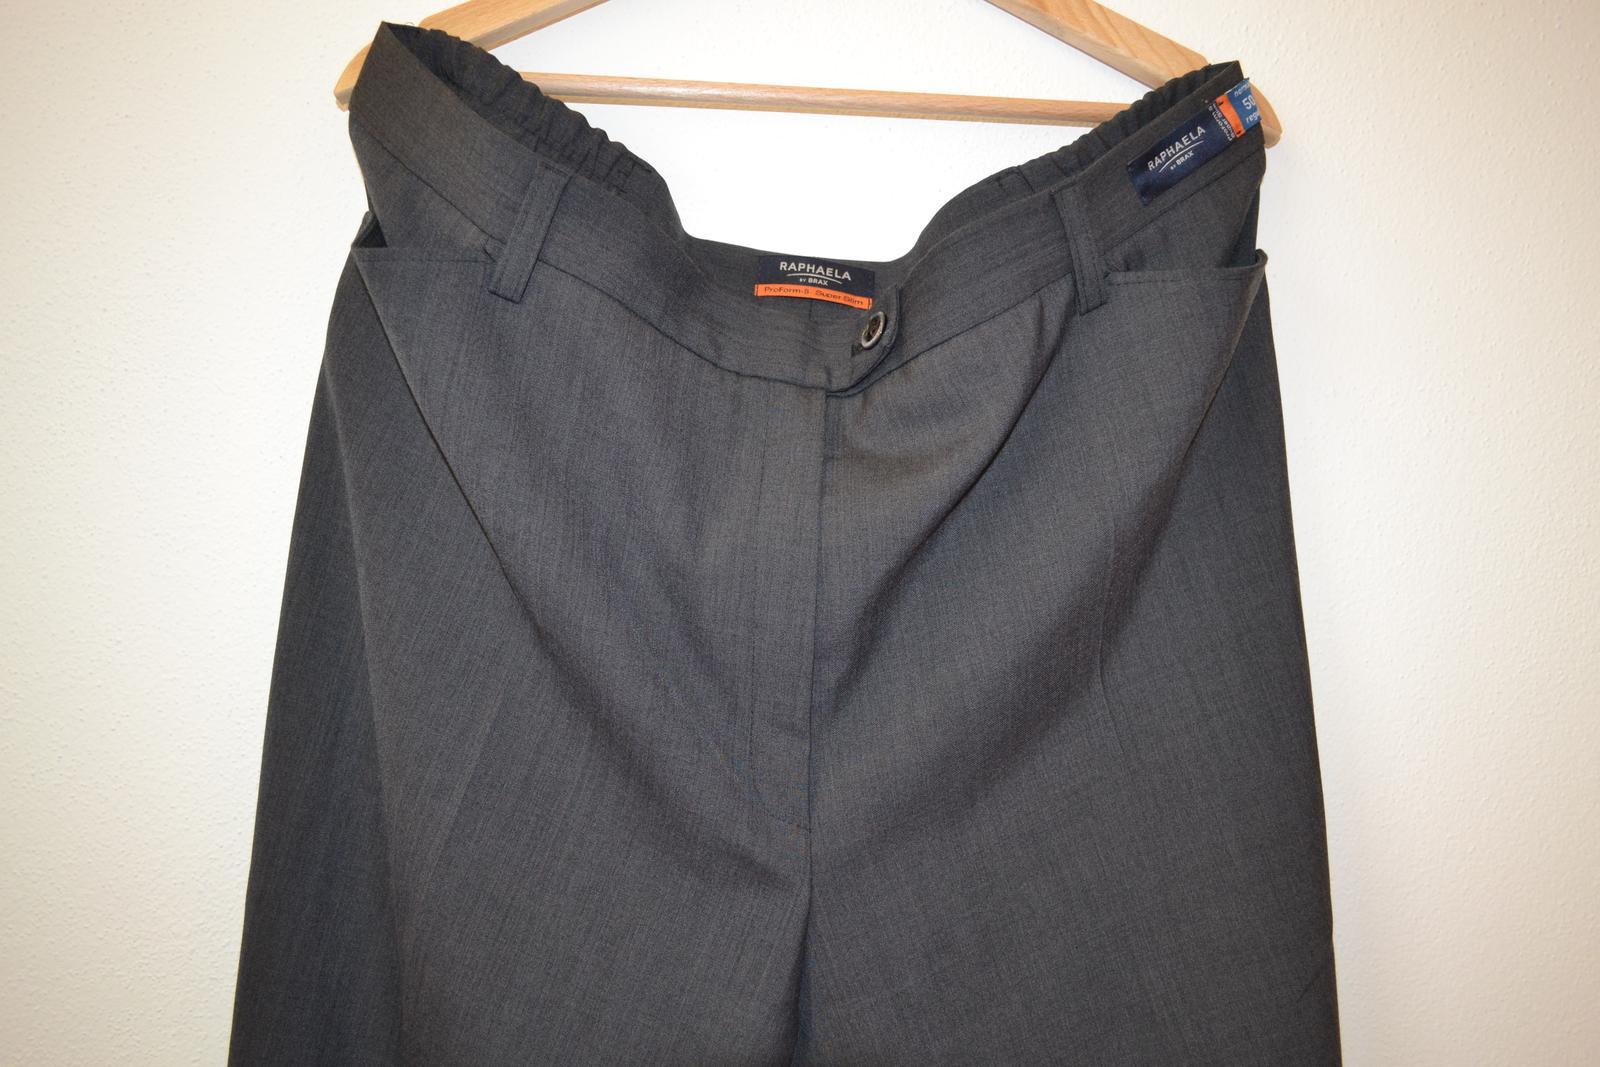 Kalhoty společenské s vlnou - pouze vyzkoušené - Obrázek č. 3